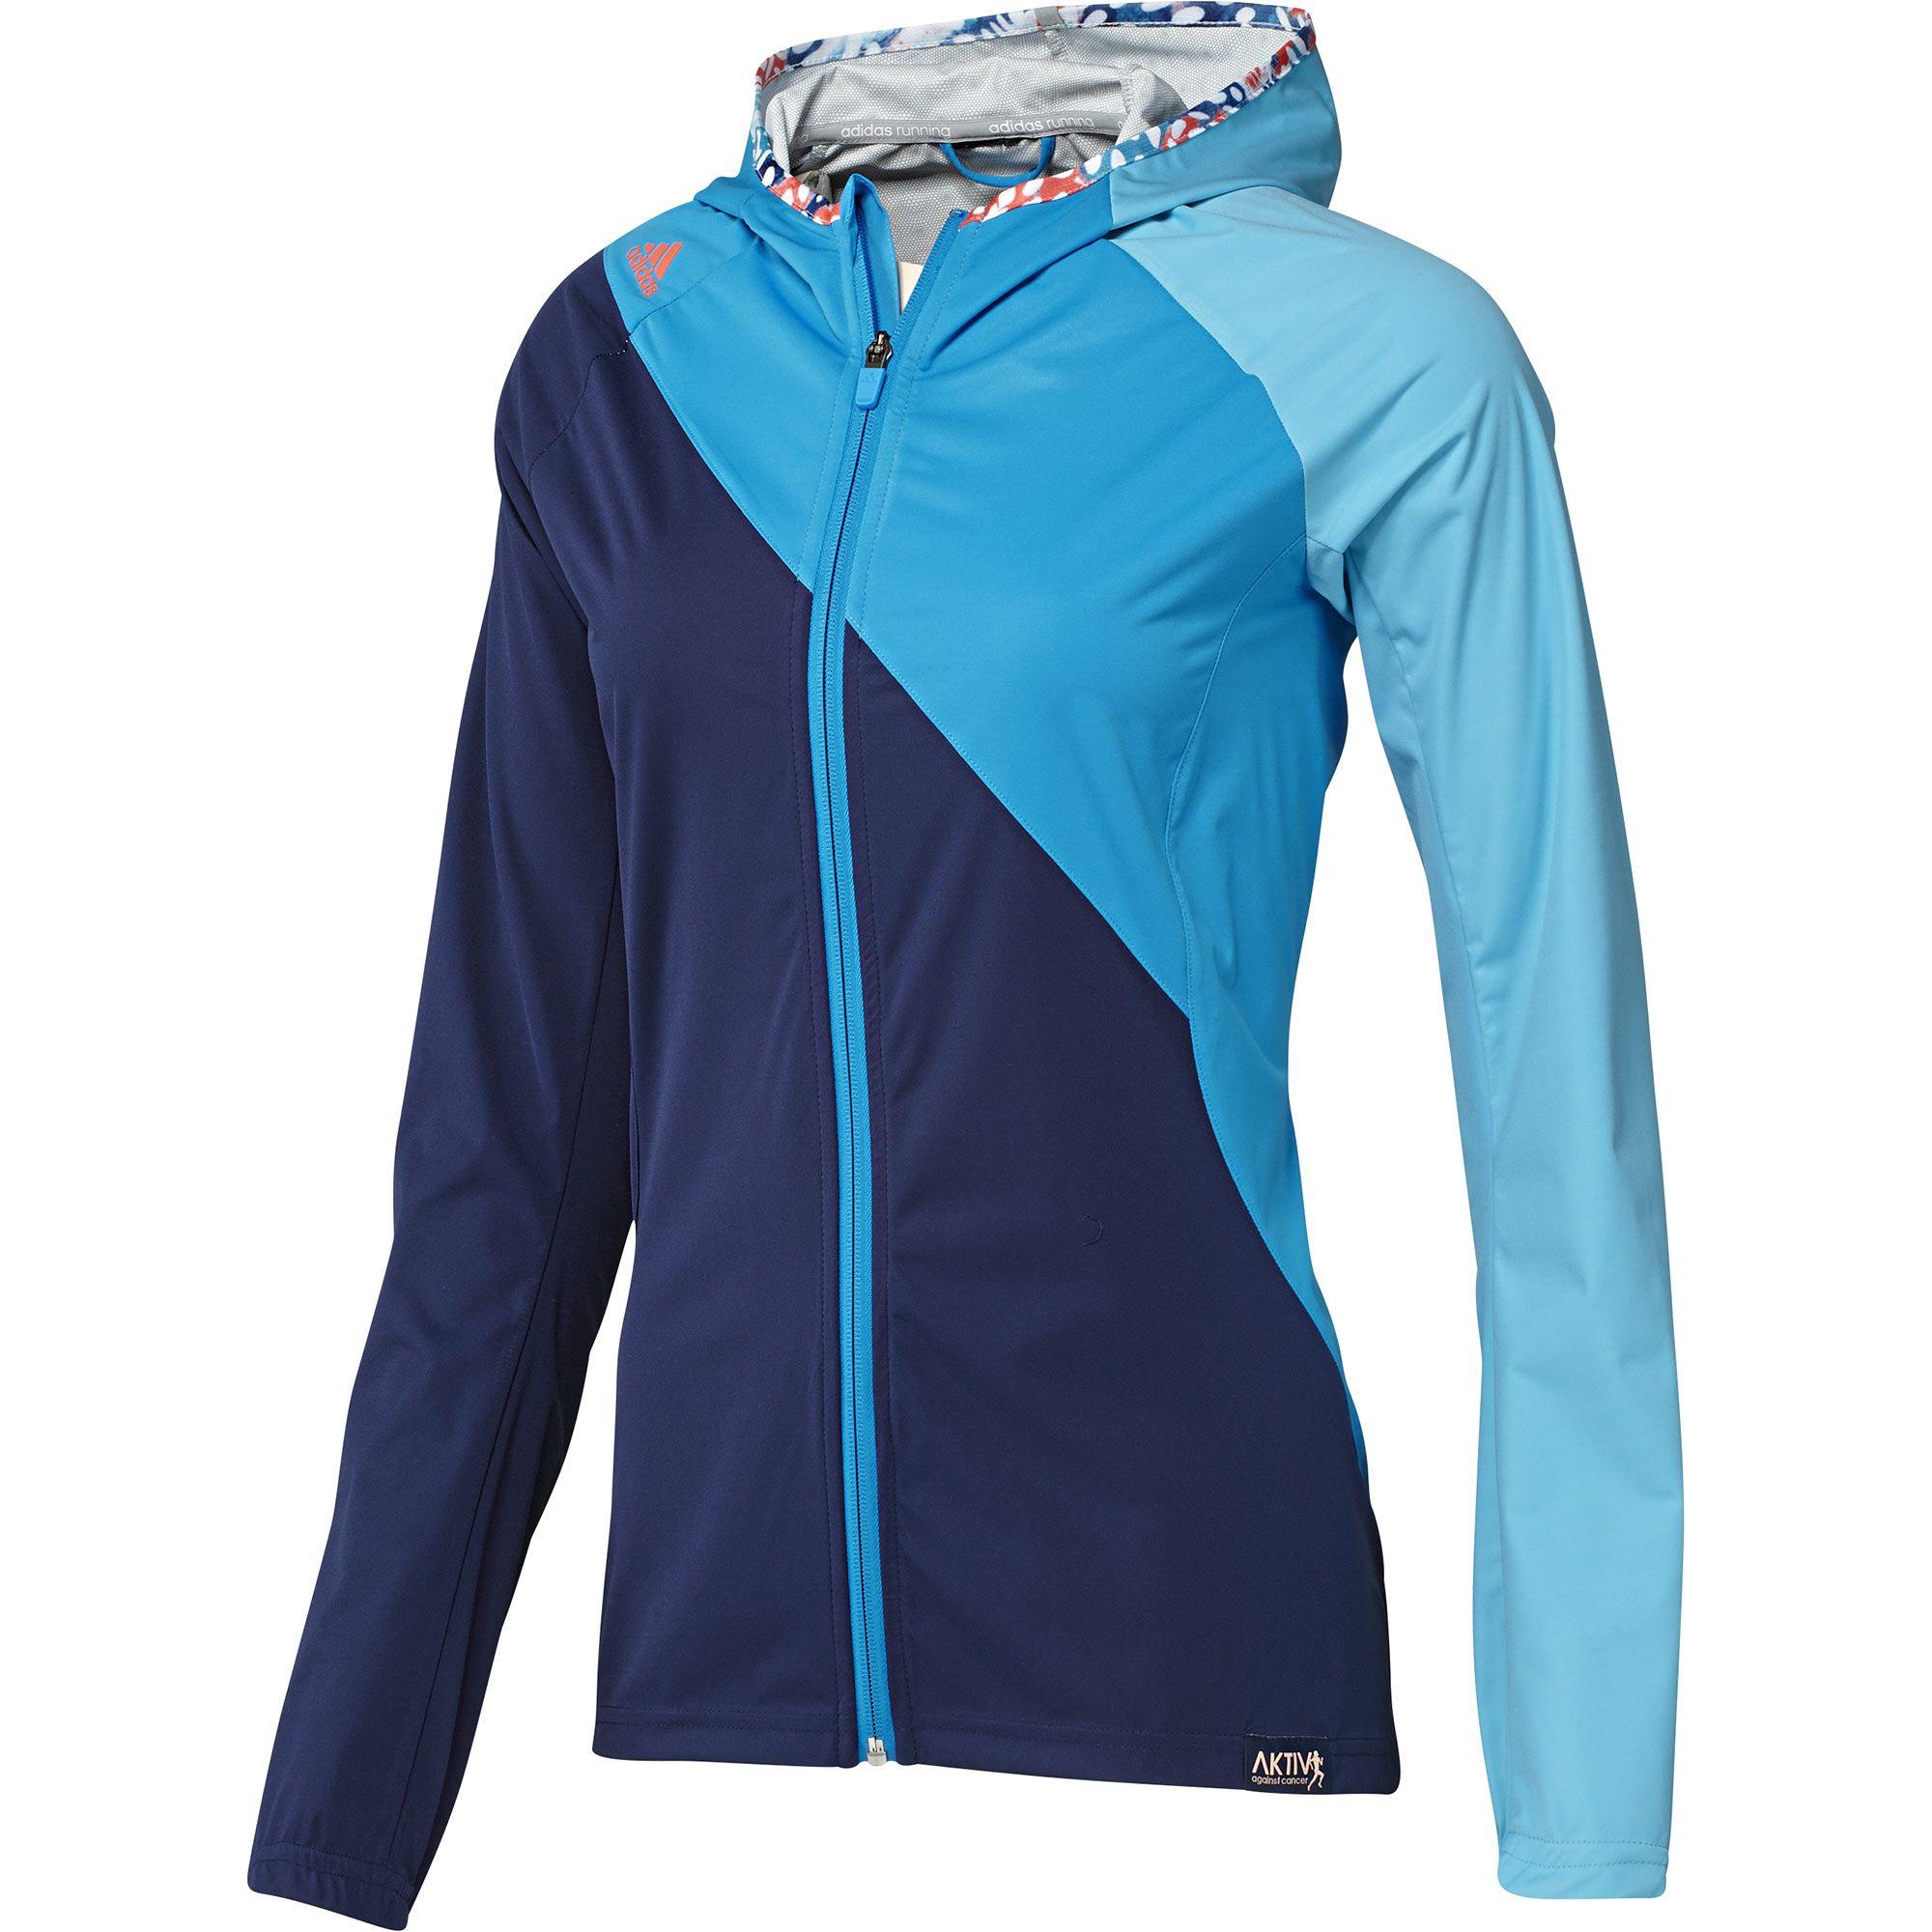 reputable site 3aa77 809d2 Diseñada para aguantar cualquier tipo de lluvia, esta chaqueta con capucha  de correr Aktiv para mujer está fabricada con tejido Climaproof® que te  mantiene ...